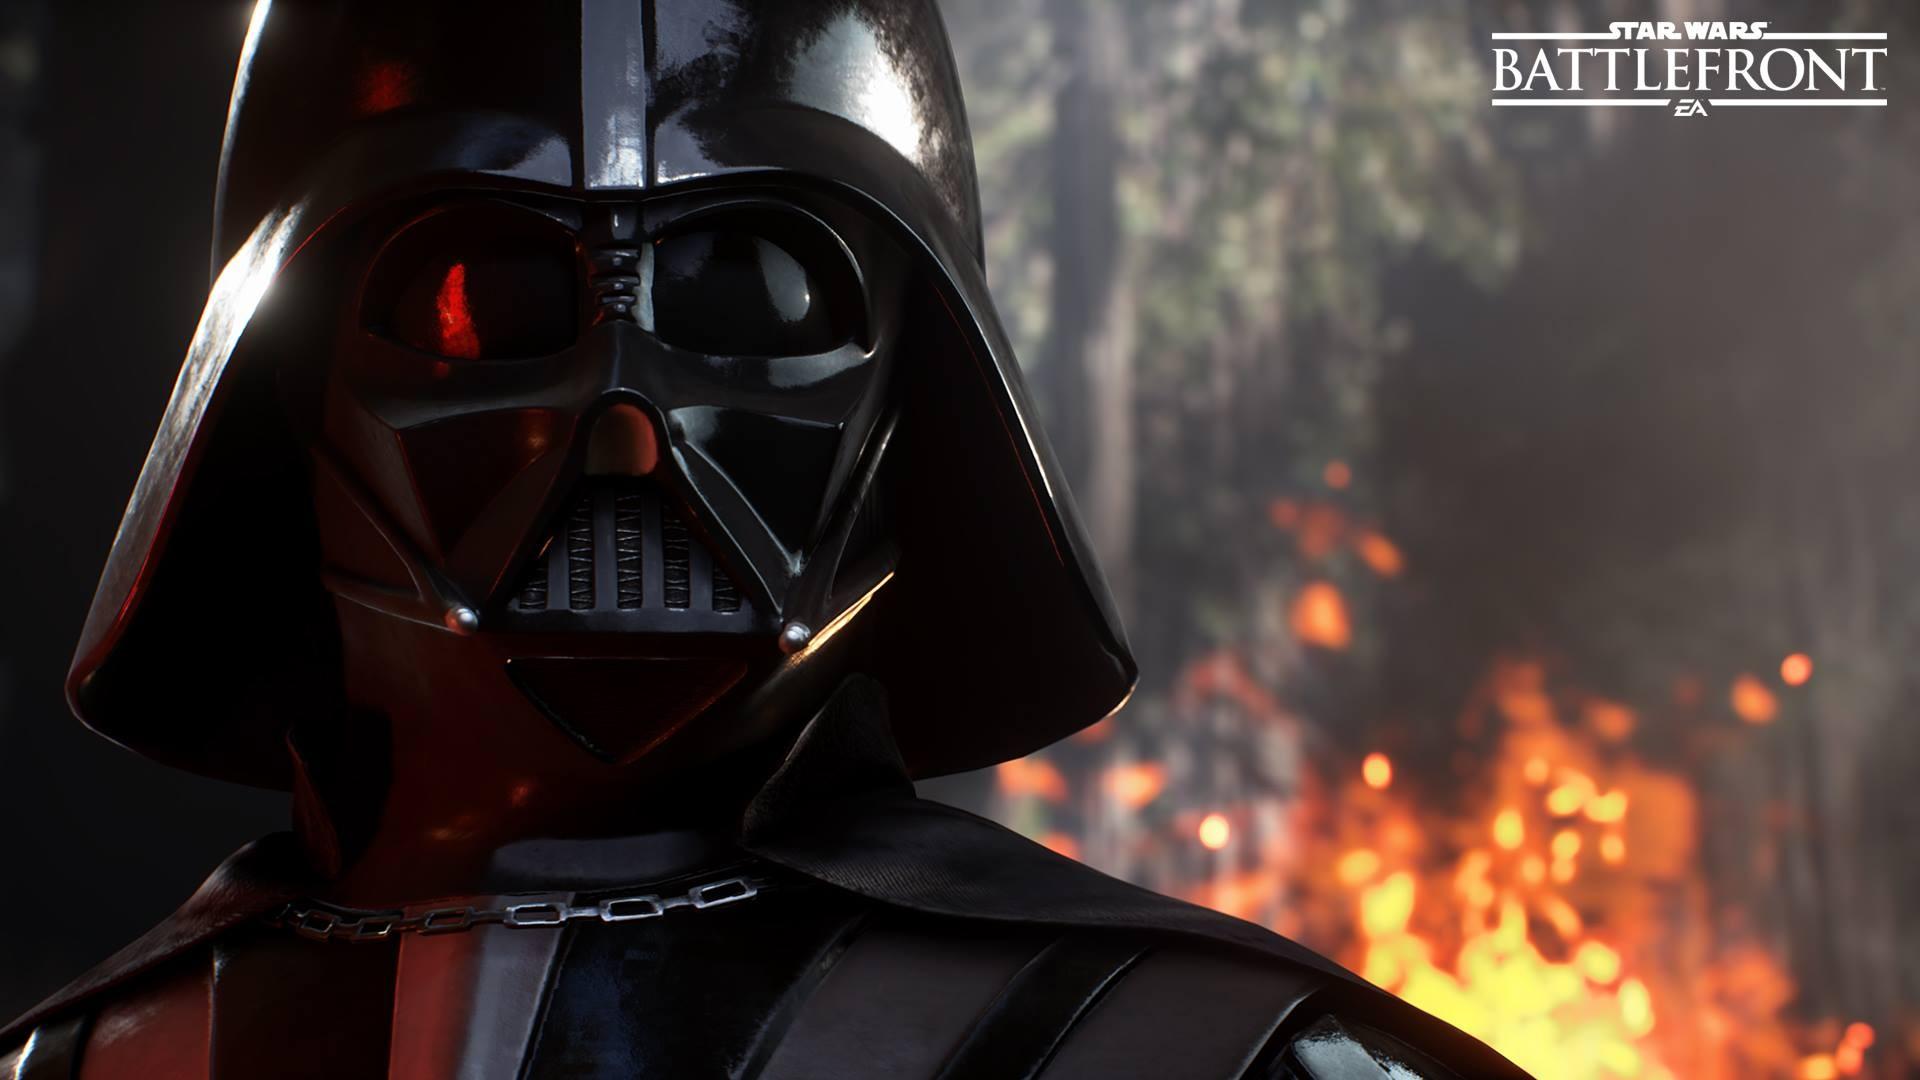 Star Wars Darth Vader clothing Star Wars Battlefront Endor Battle of Endor costume screenshot computer wallpaper 130255